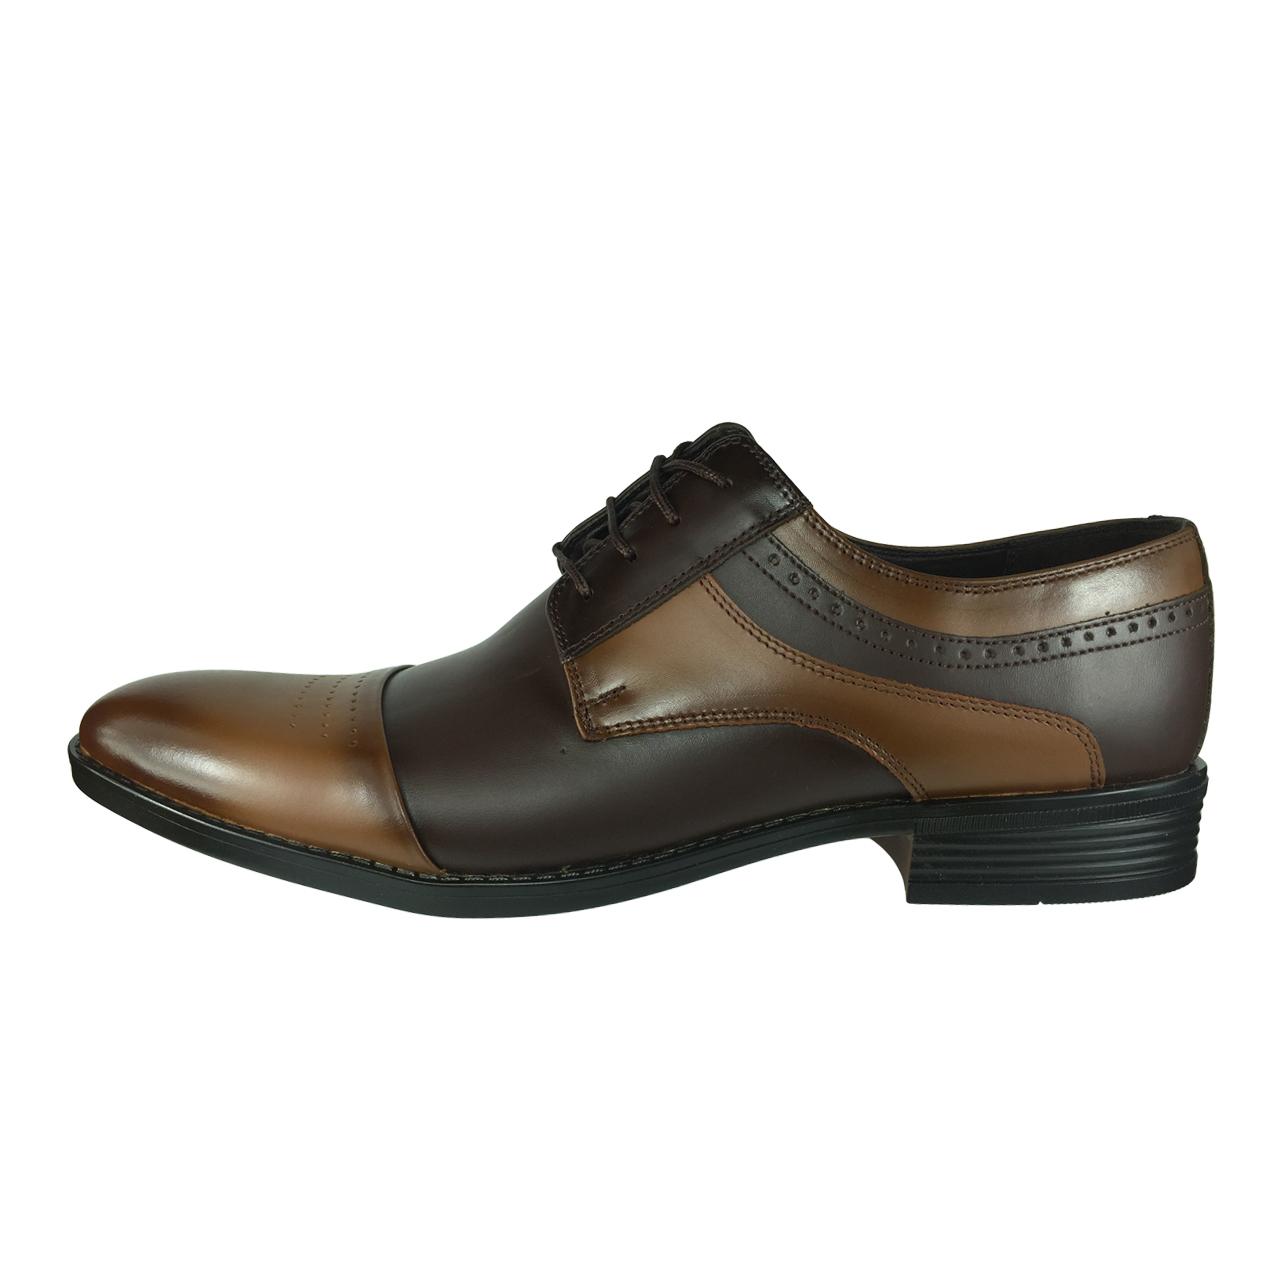 کفش مردانه مدل B422 رنگ قهوه ای